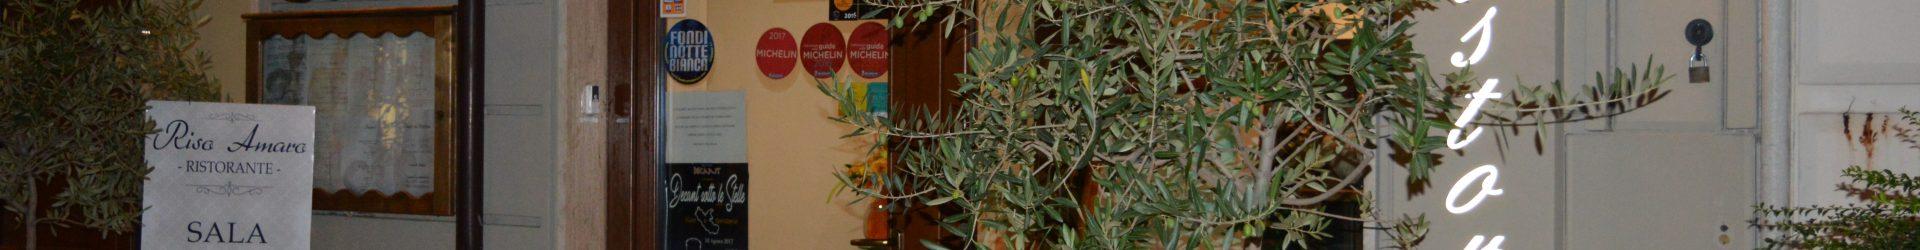 Da un film, ad un ristorante gourmet: Riso Amaro.